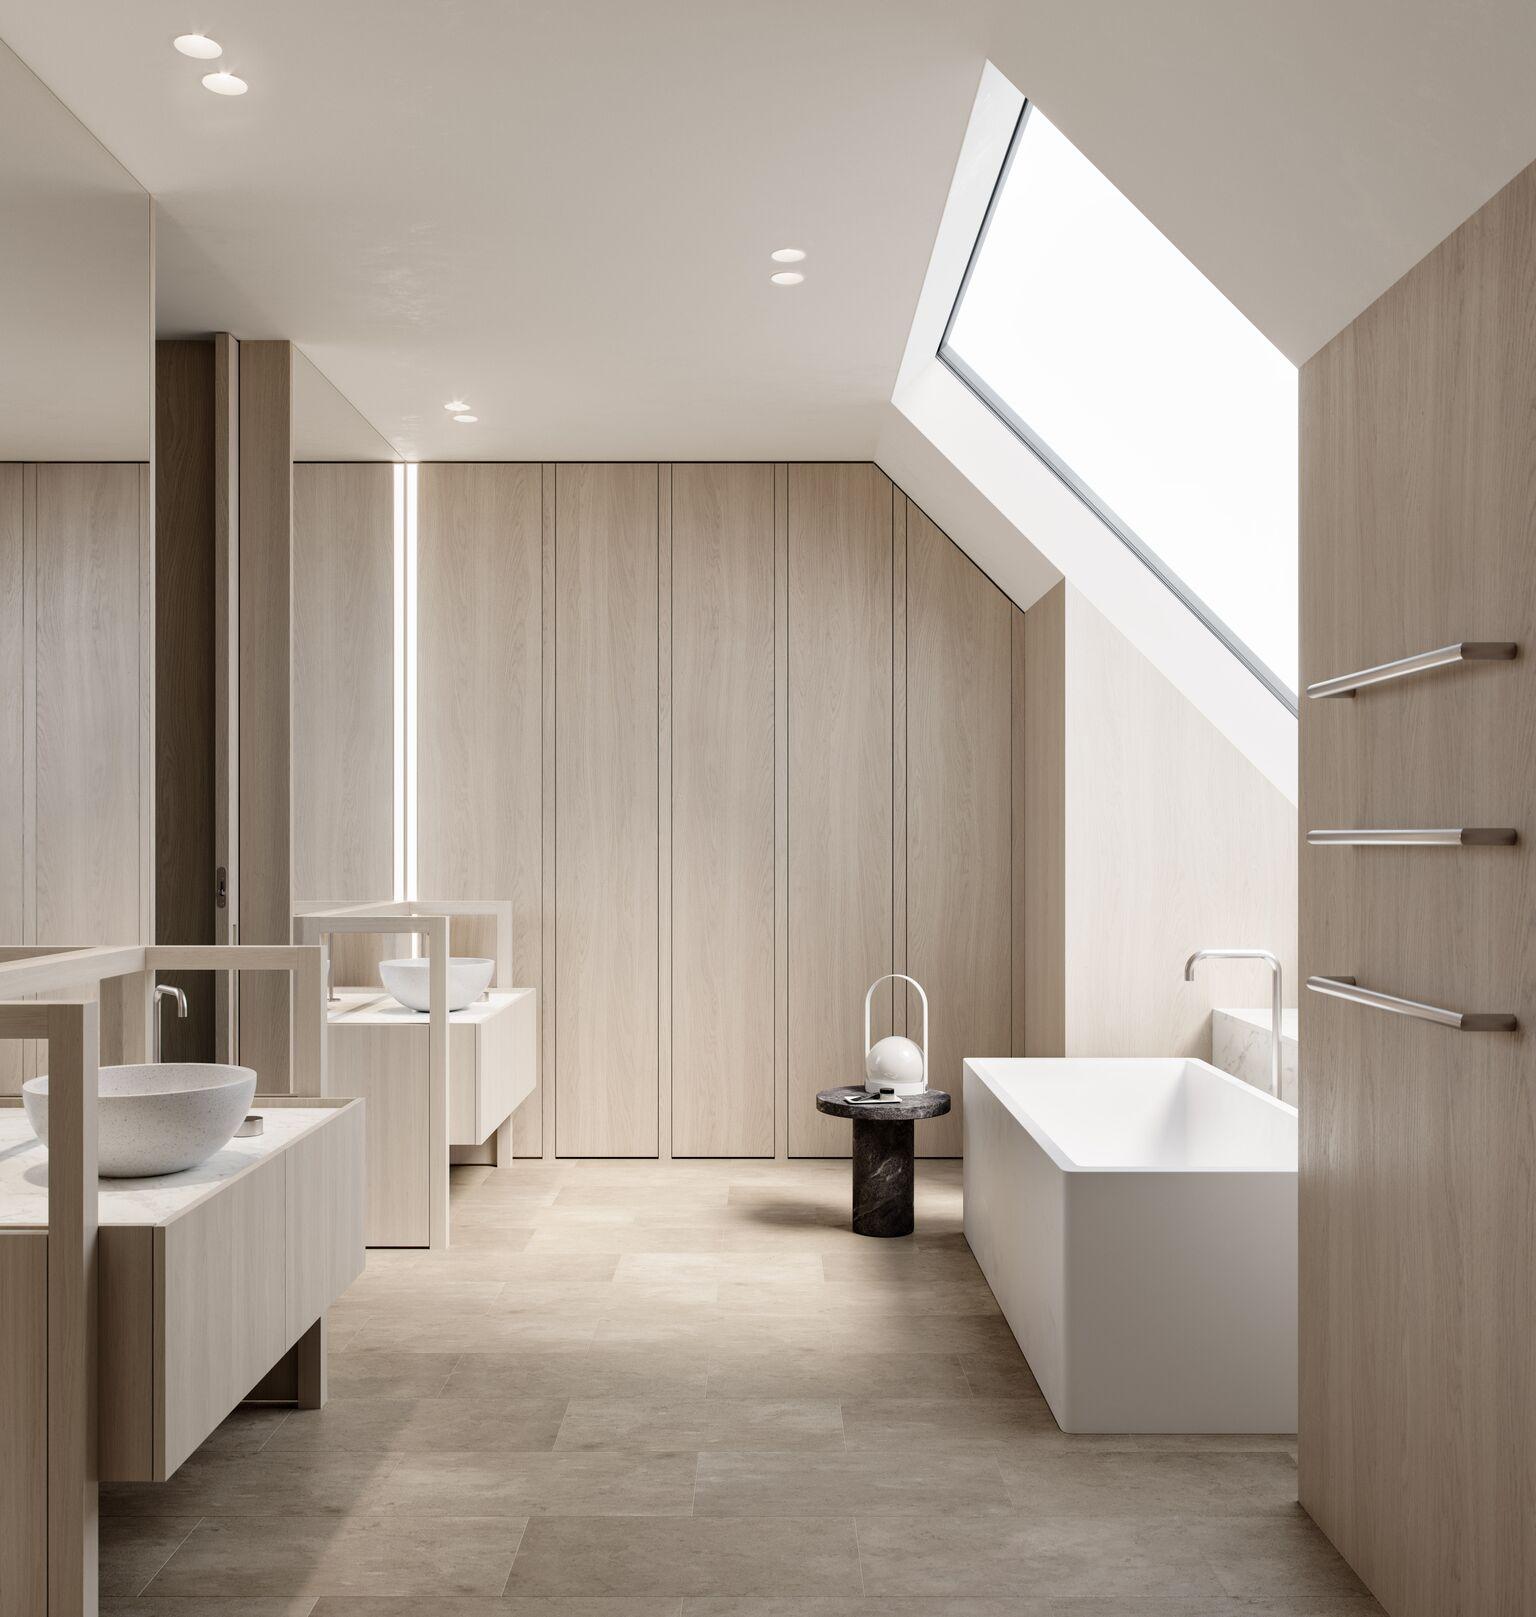 Gallery Of Conrad Architects Local Australian Architecture And Interior Design Cremorne, Melbourne Image 1